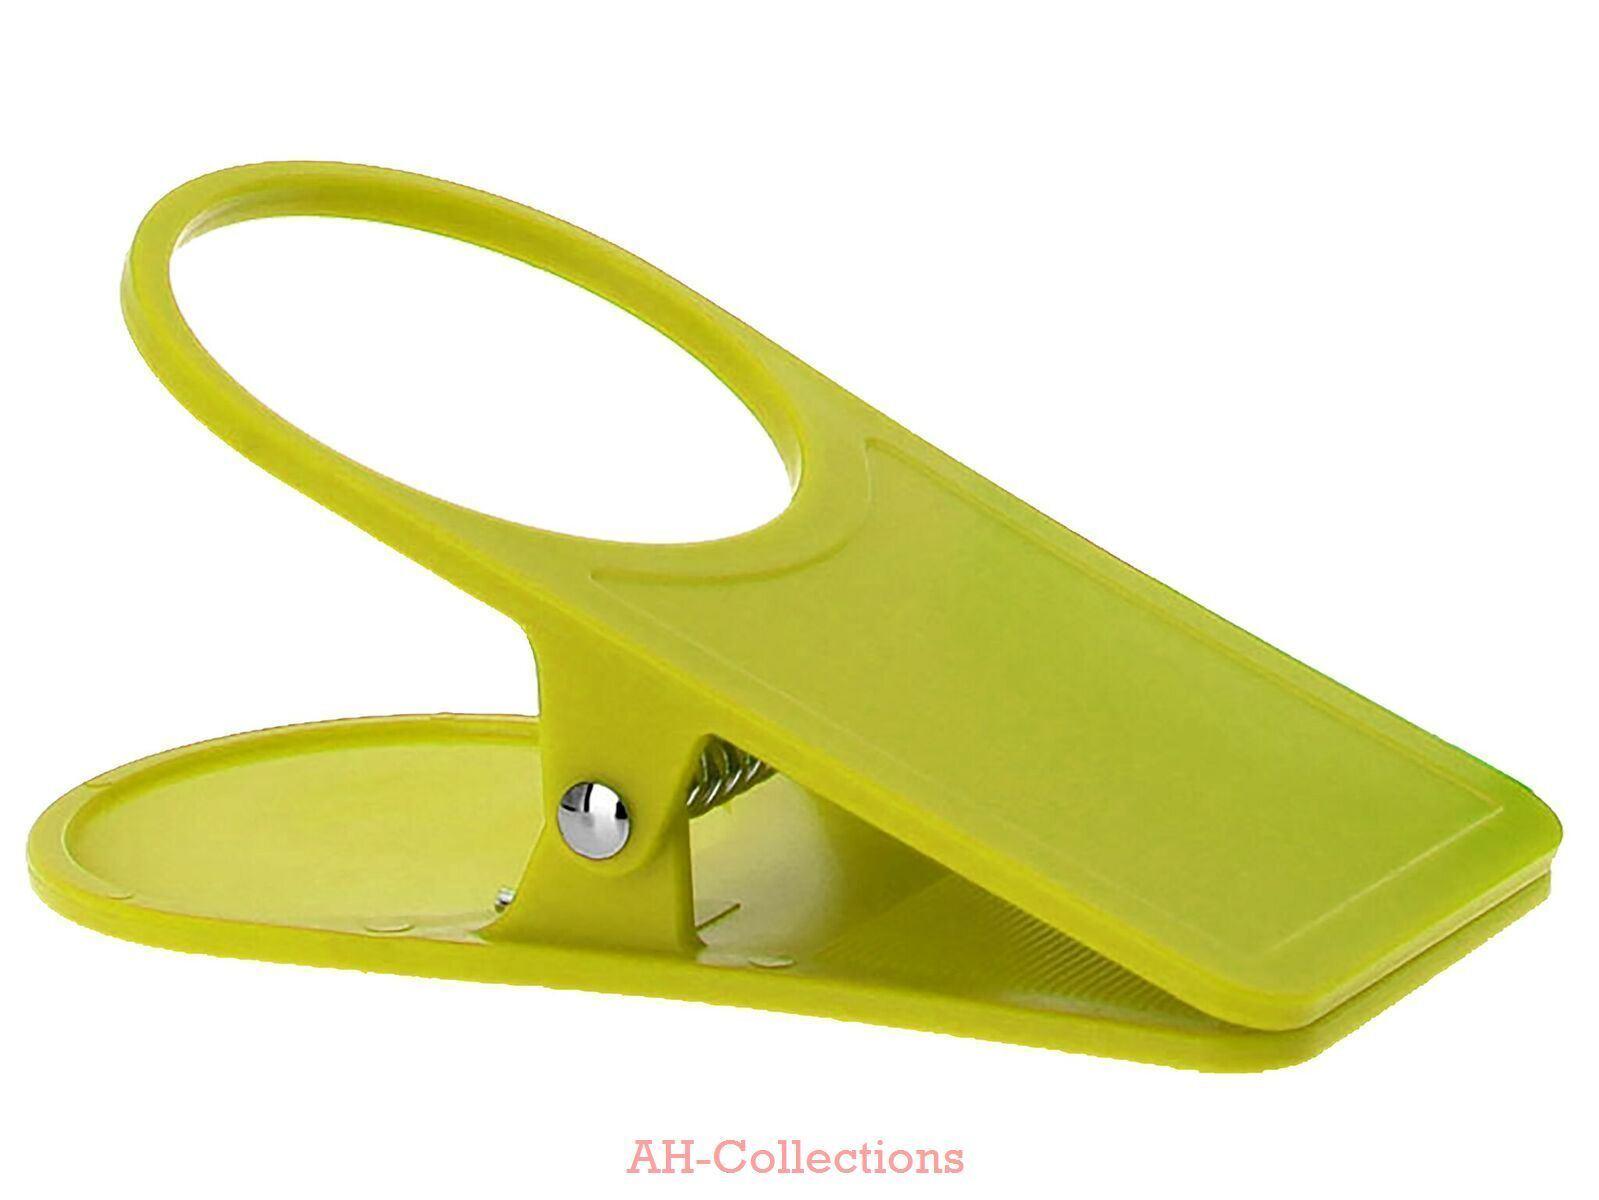 Gimex Camping Vaisselle 2er-set tischclip pour pour pour canettes U. verres Porte-aérosol bb507d